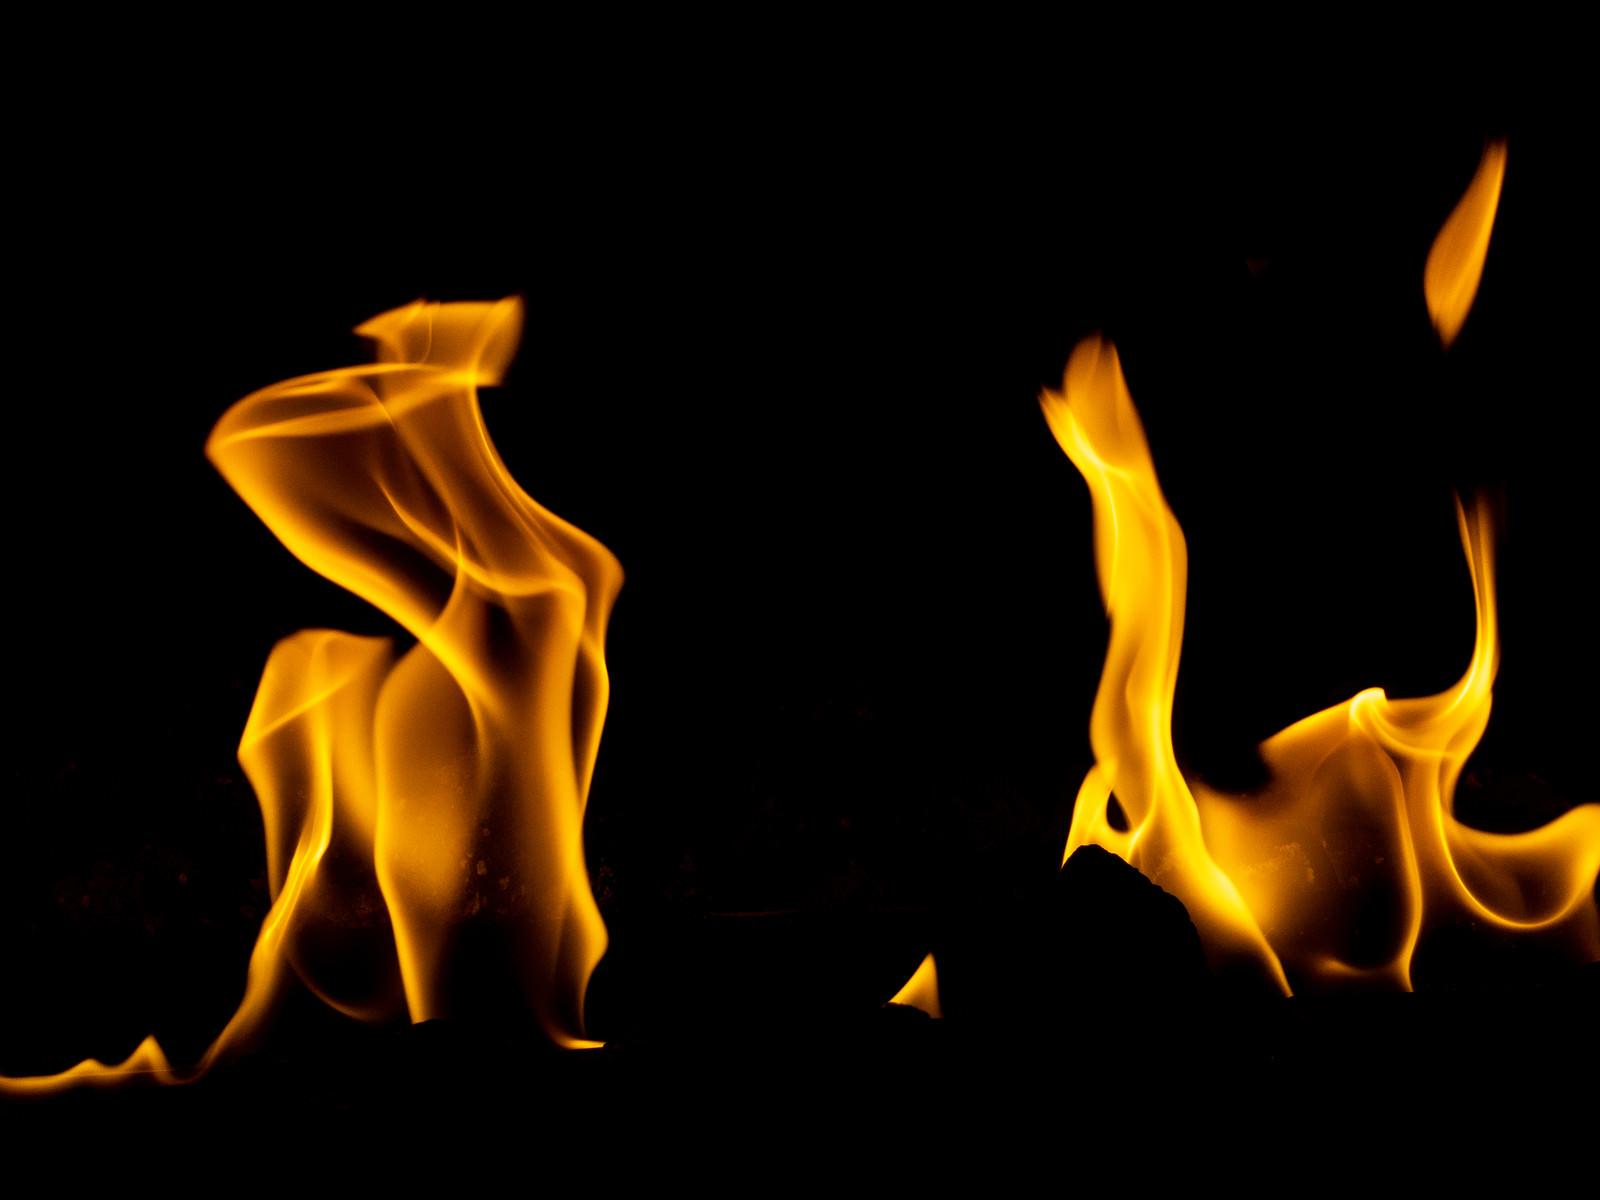 「よく燃える暖炉の火」の写真